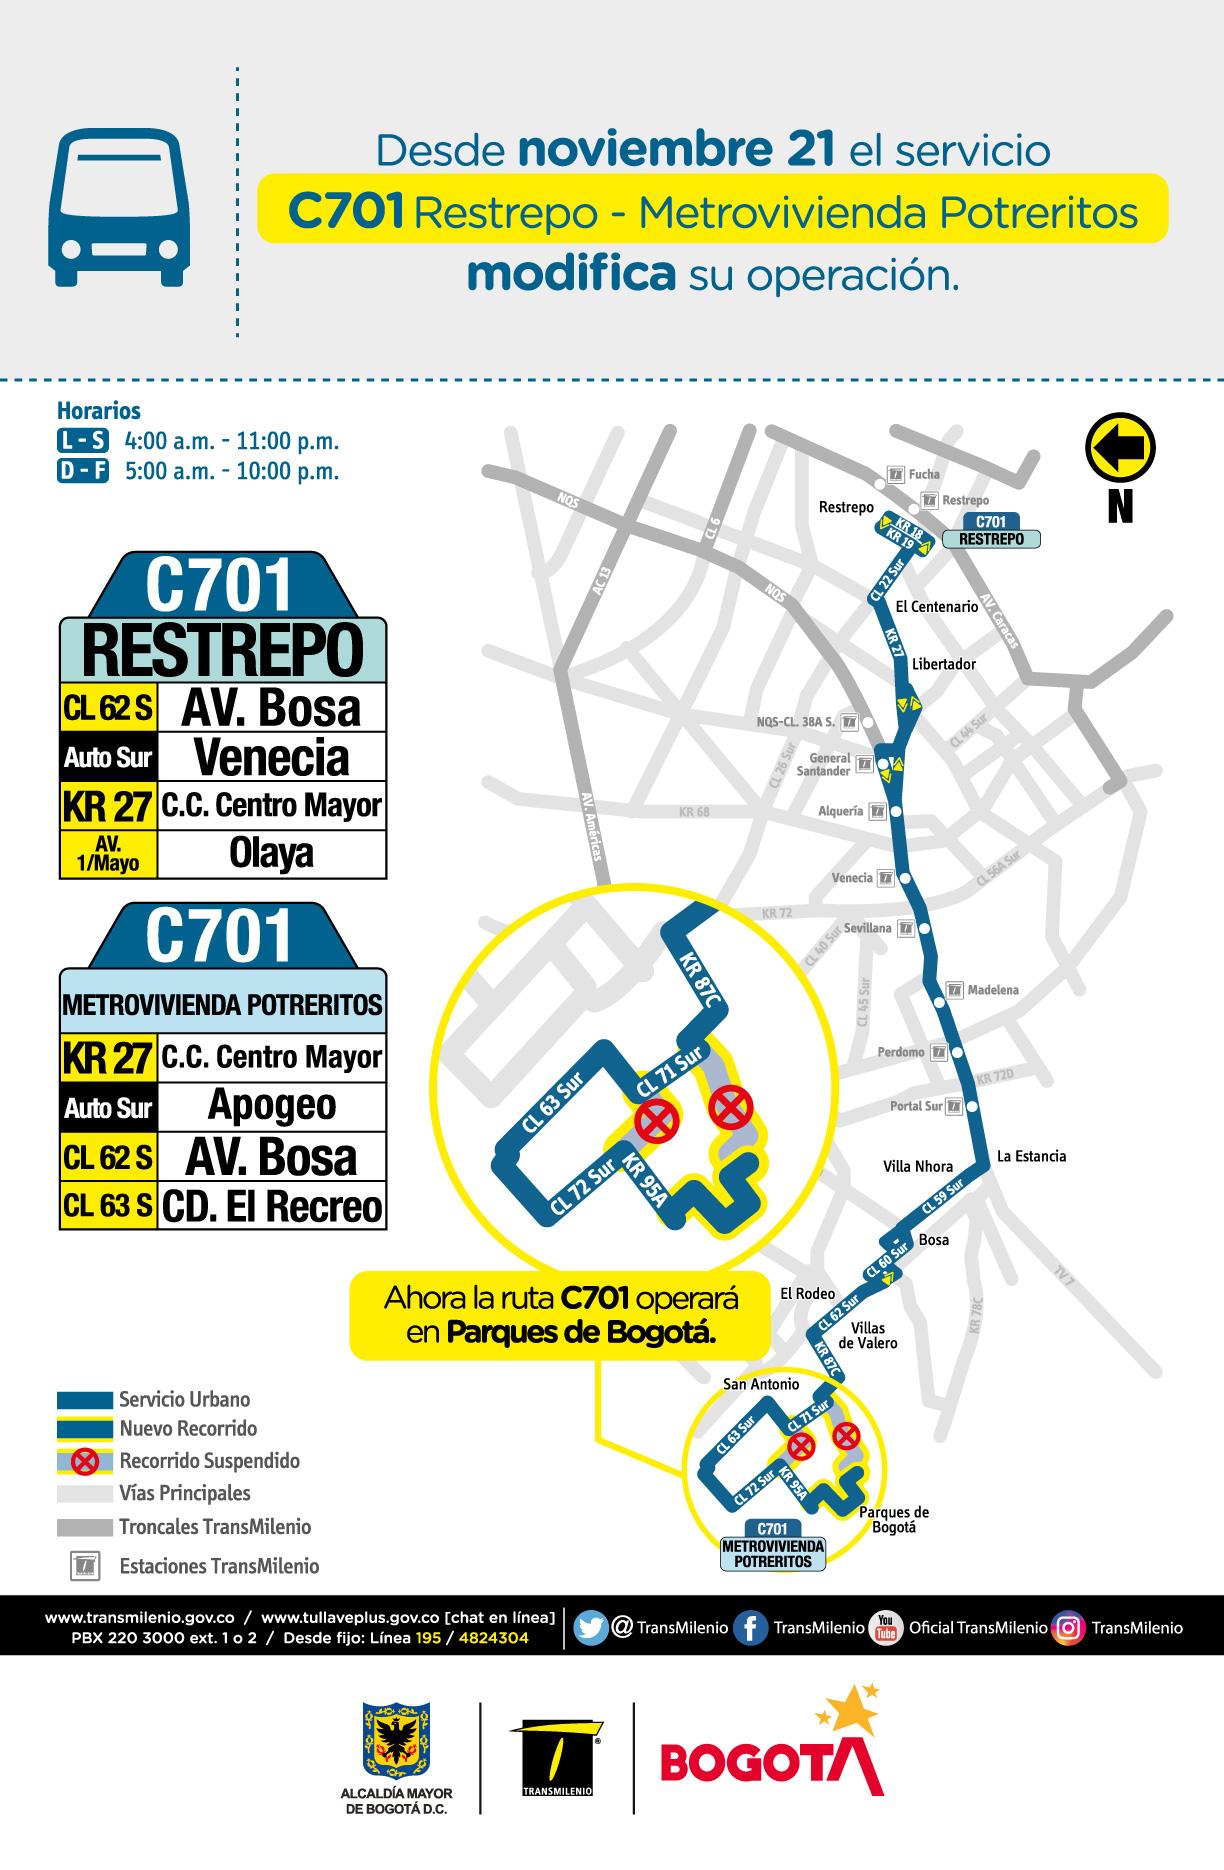 C701 Restrepo - Metrovivienda Potreritos modifica su operación